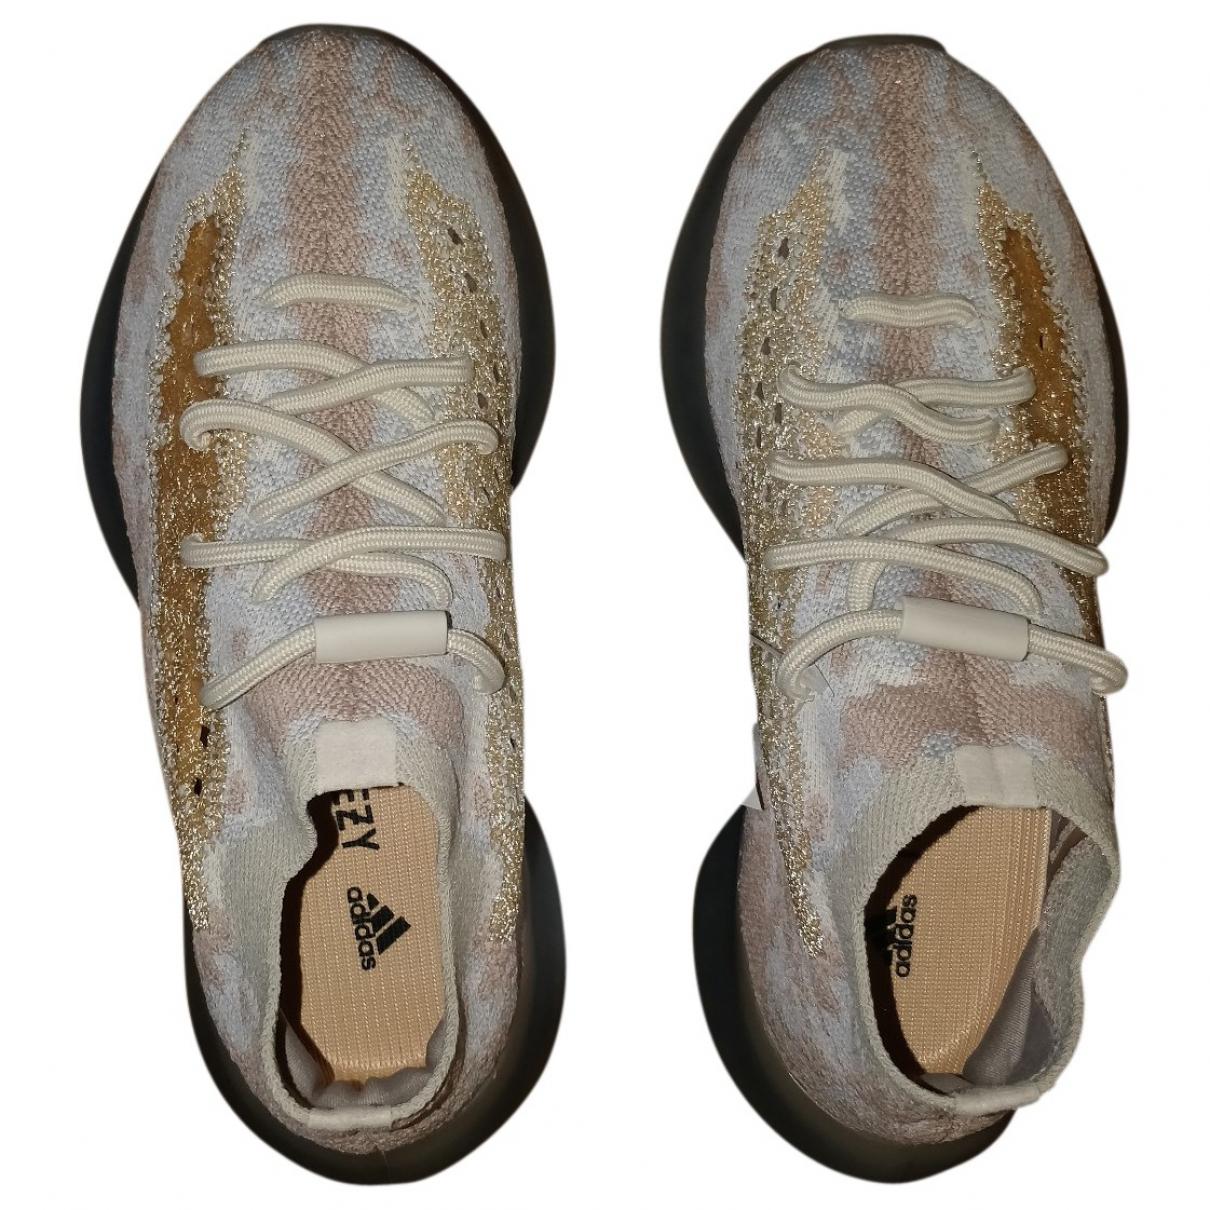 Yeezy X Adidas - Baskets Boost 380 pour femme en toile - marron